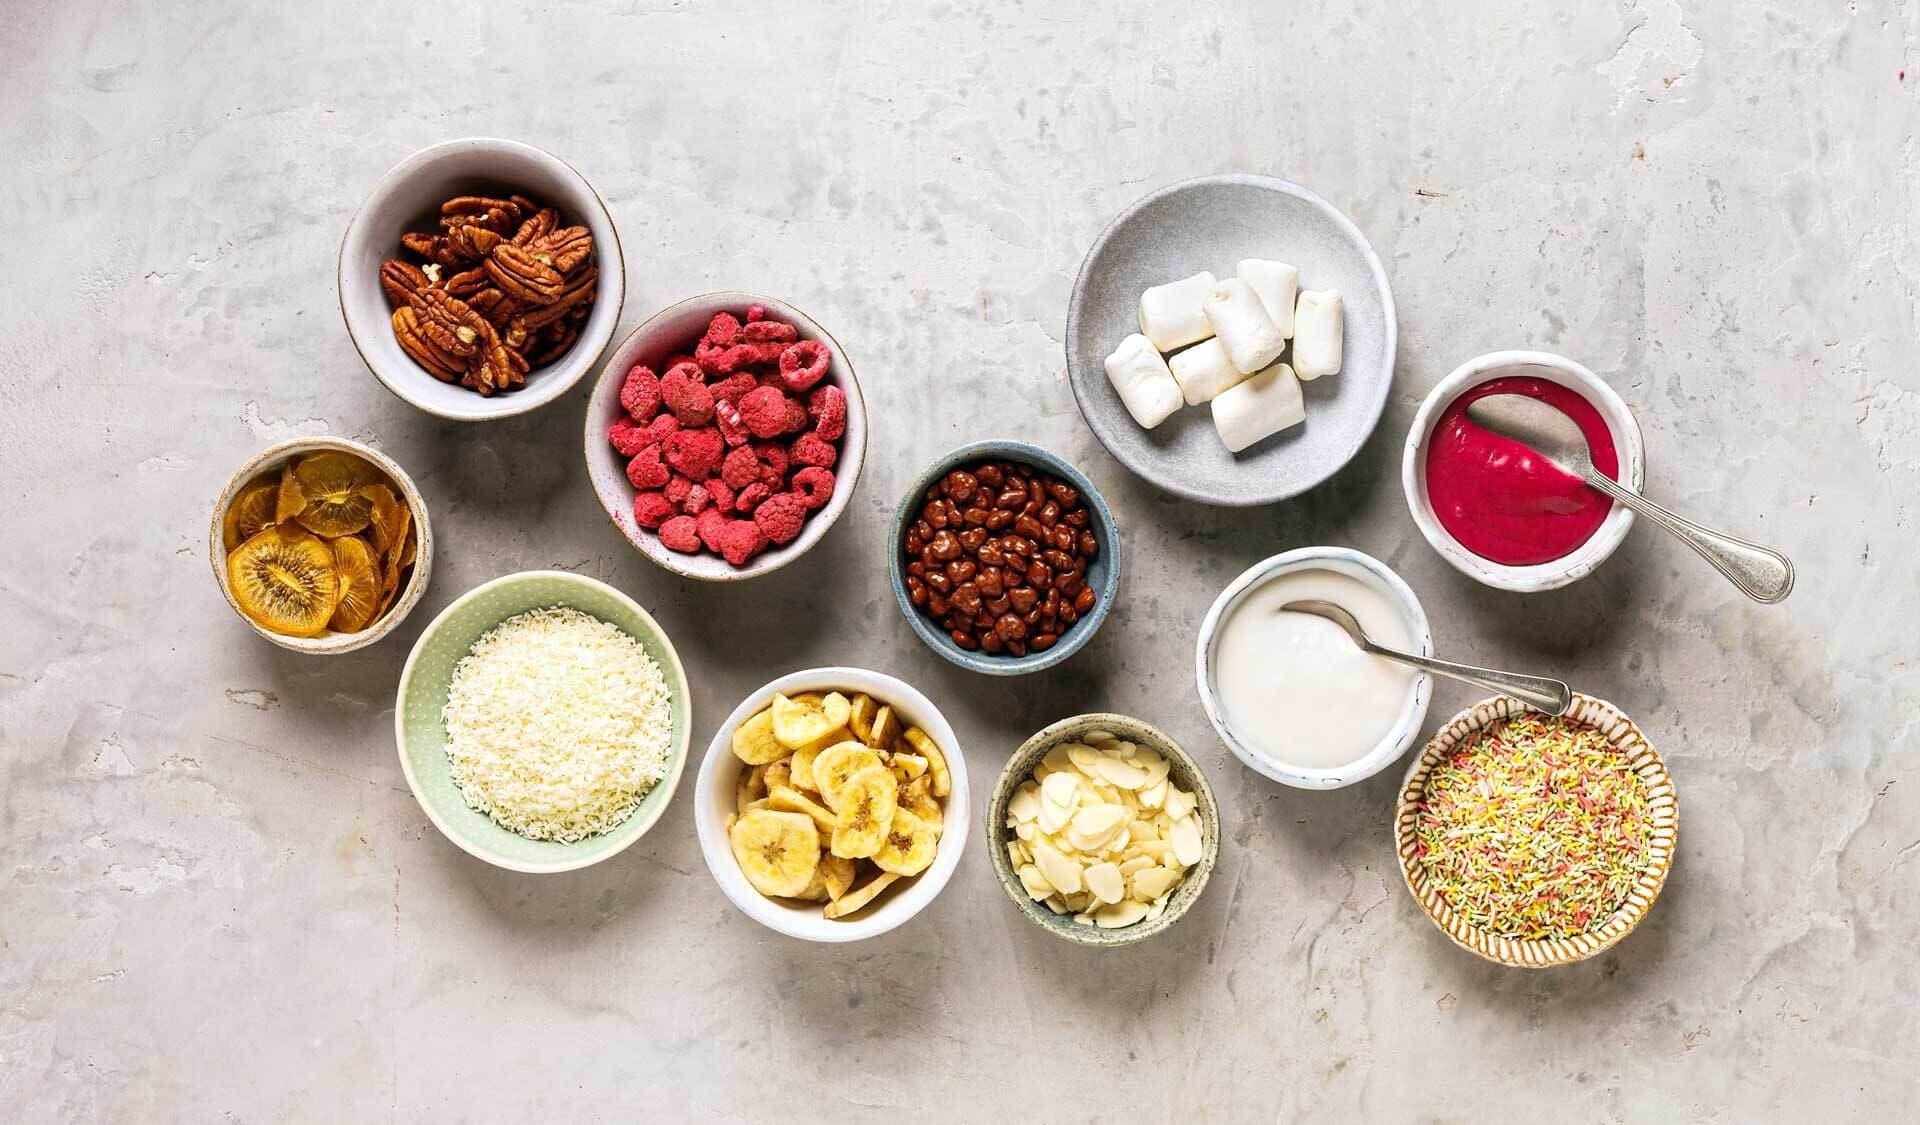 Zutaten für Rezepte (© Fotos, Rezepte Sabrina Sue Daniels)